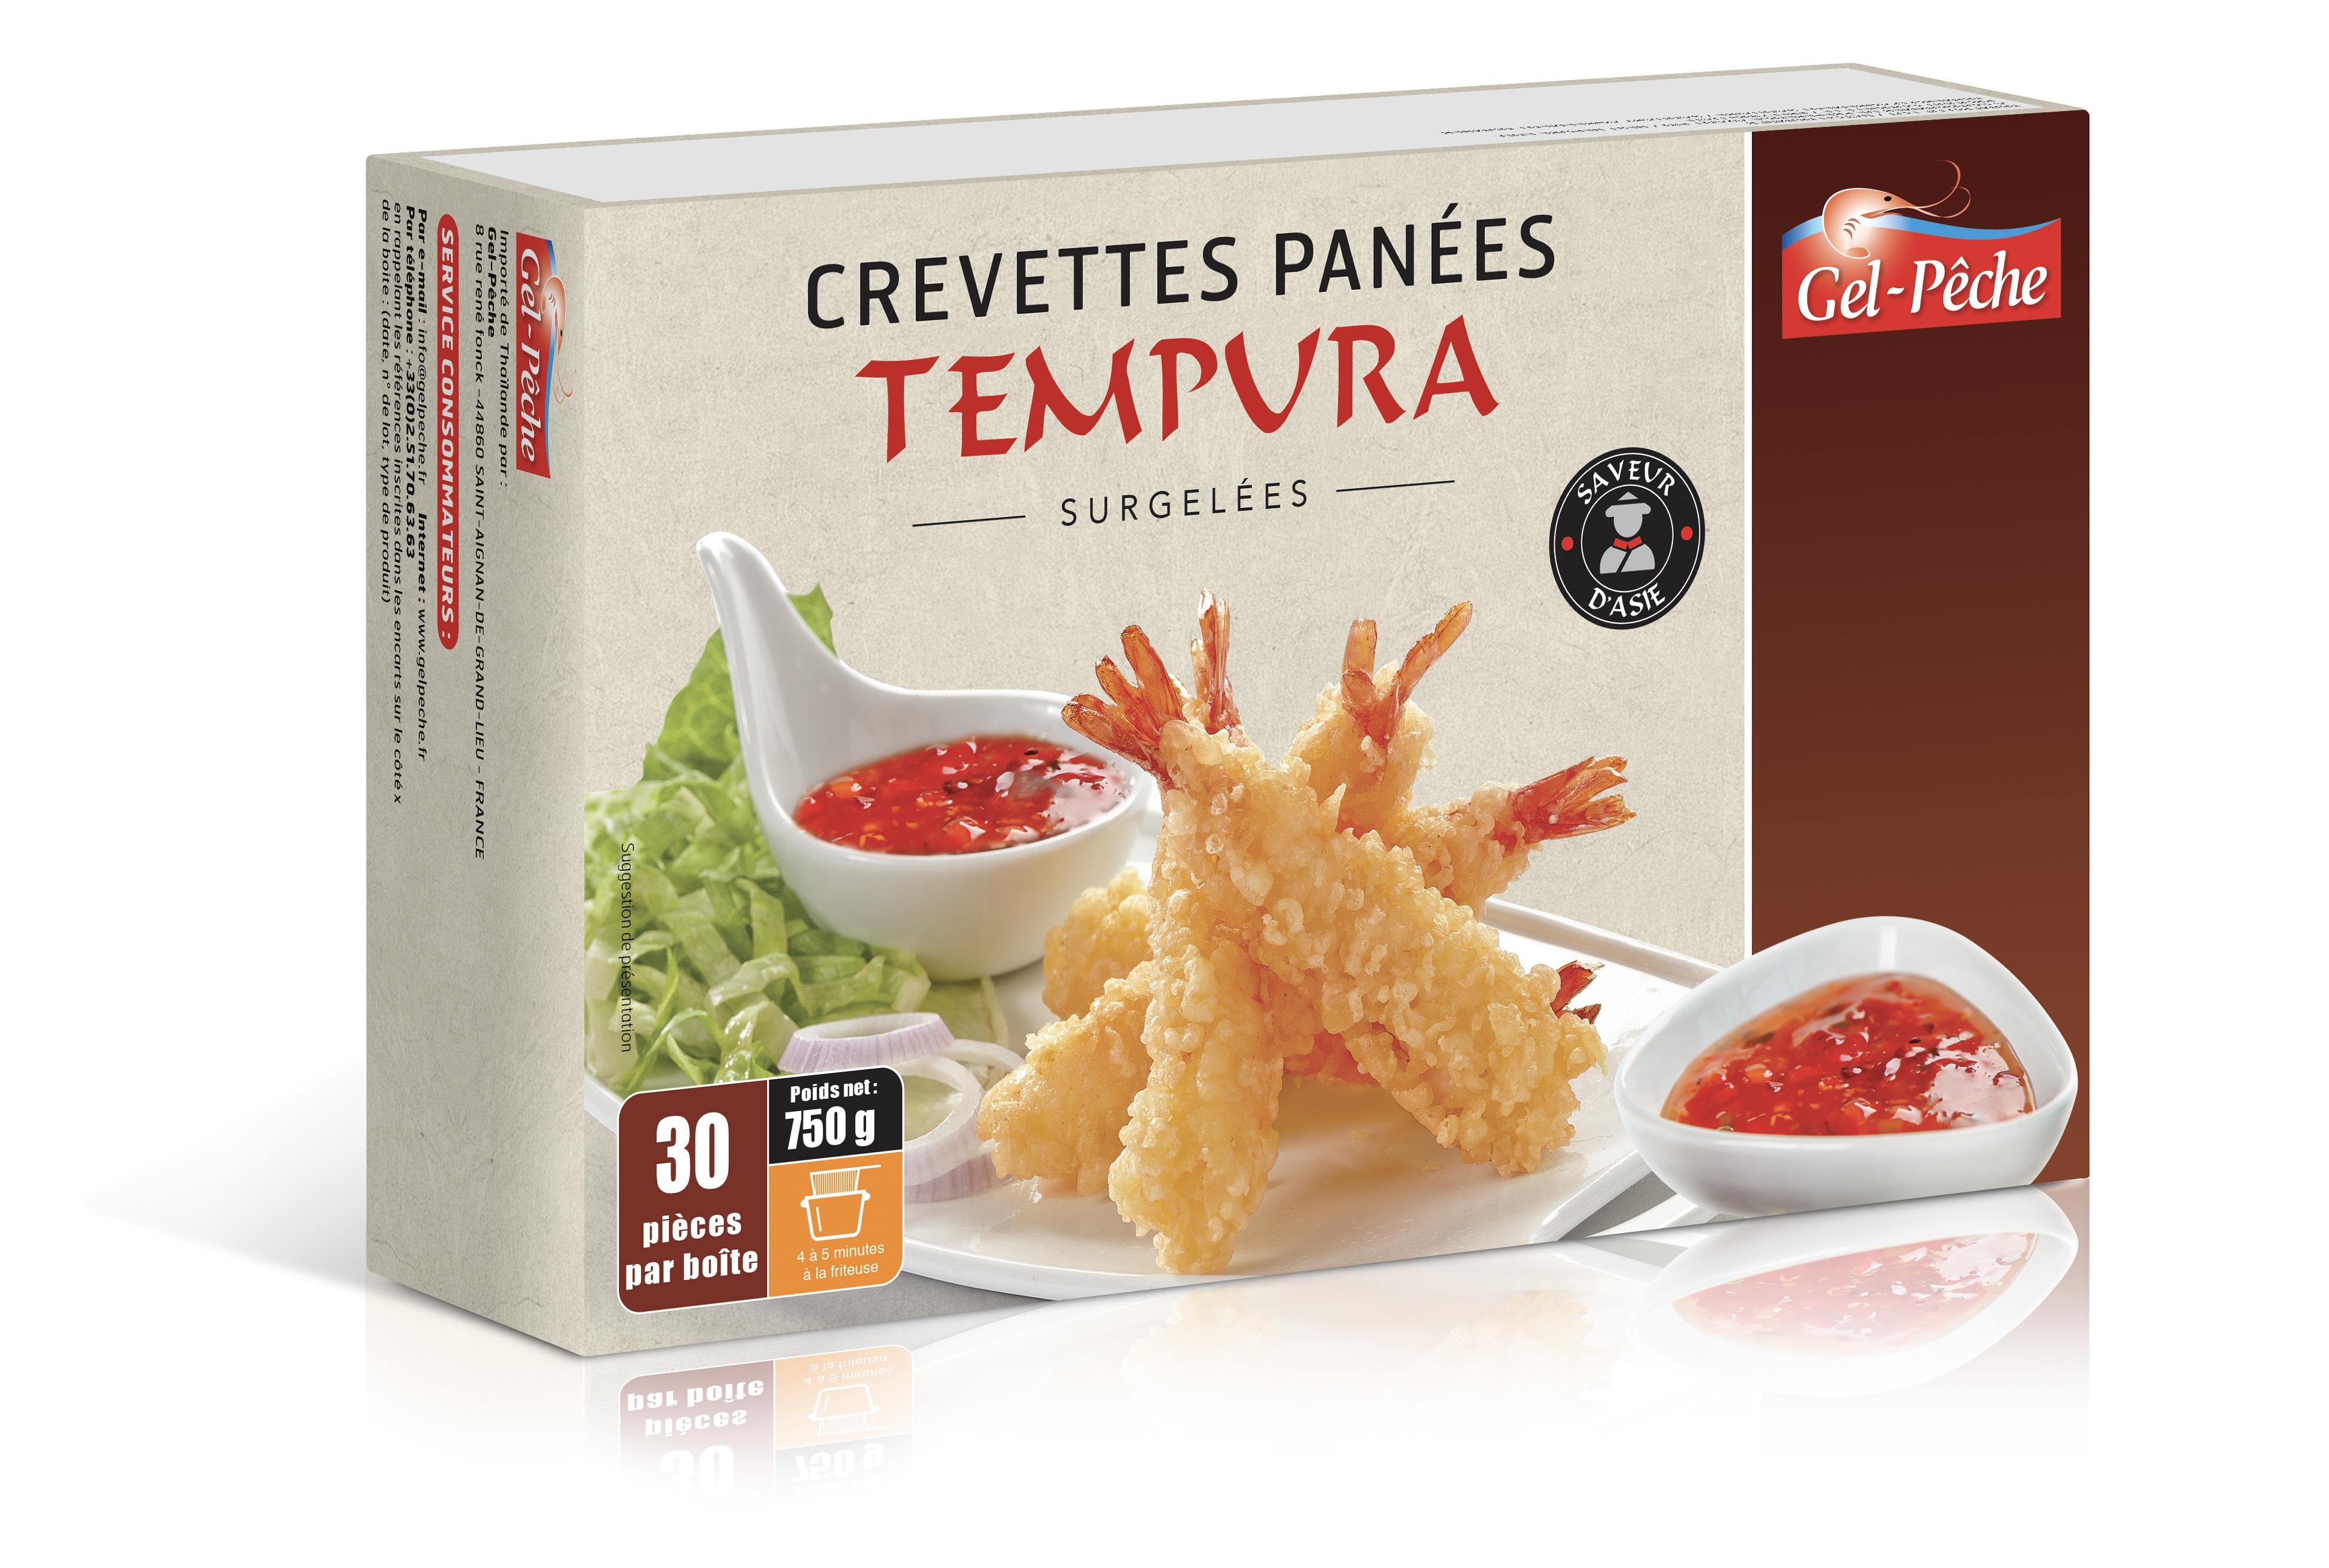 gamme-rhf-tempura